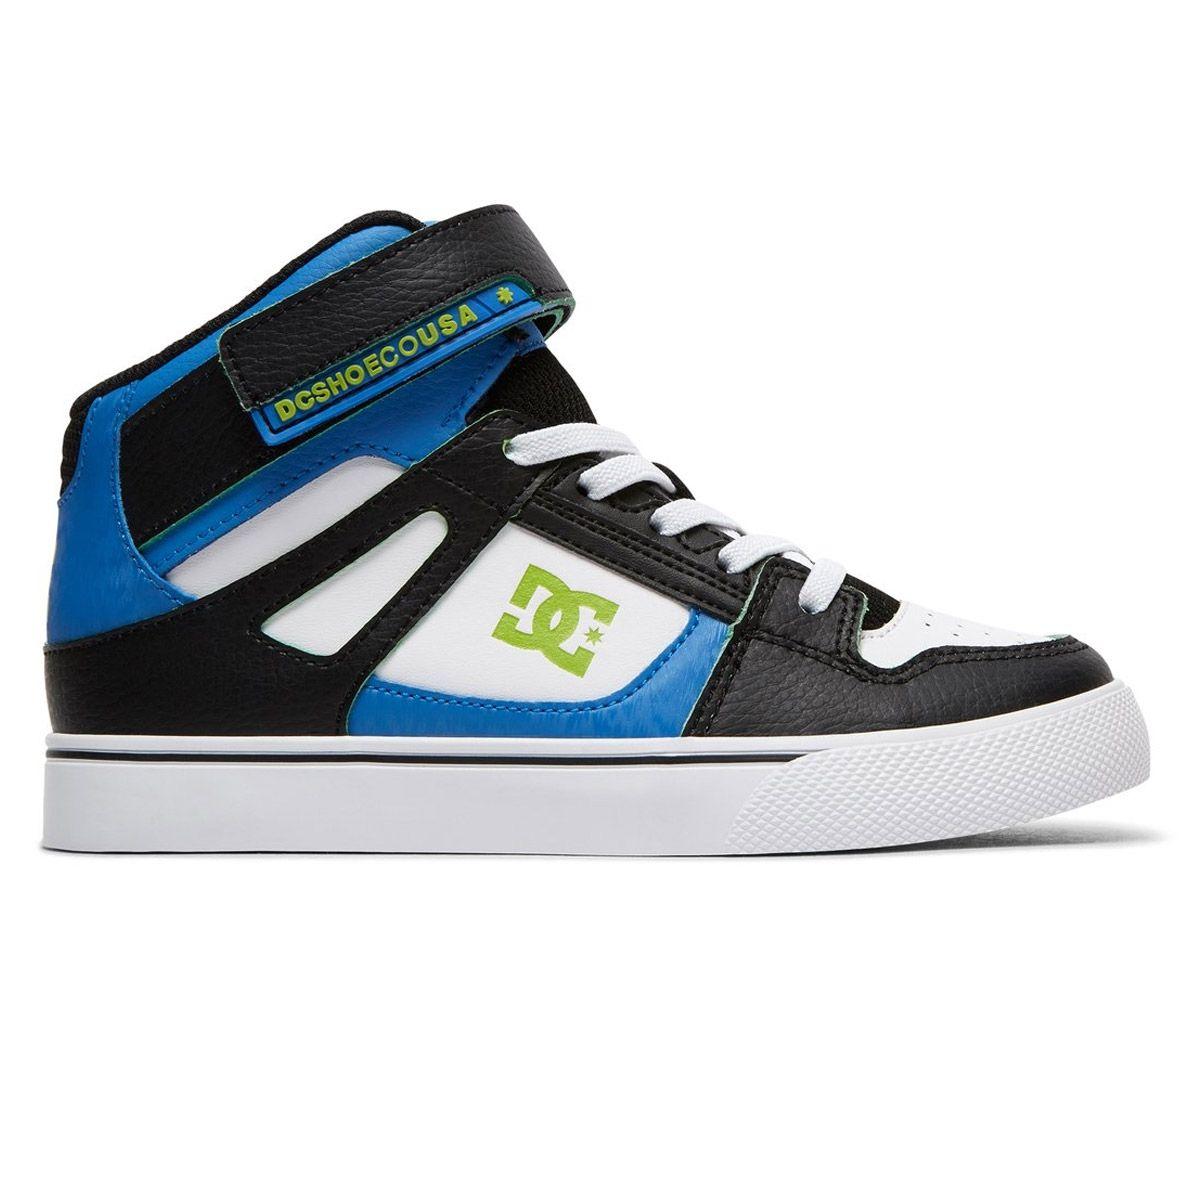 Épinglé sur Chaussures DC Shoes